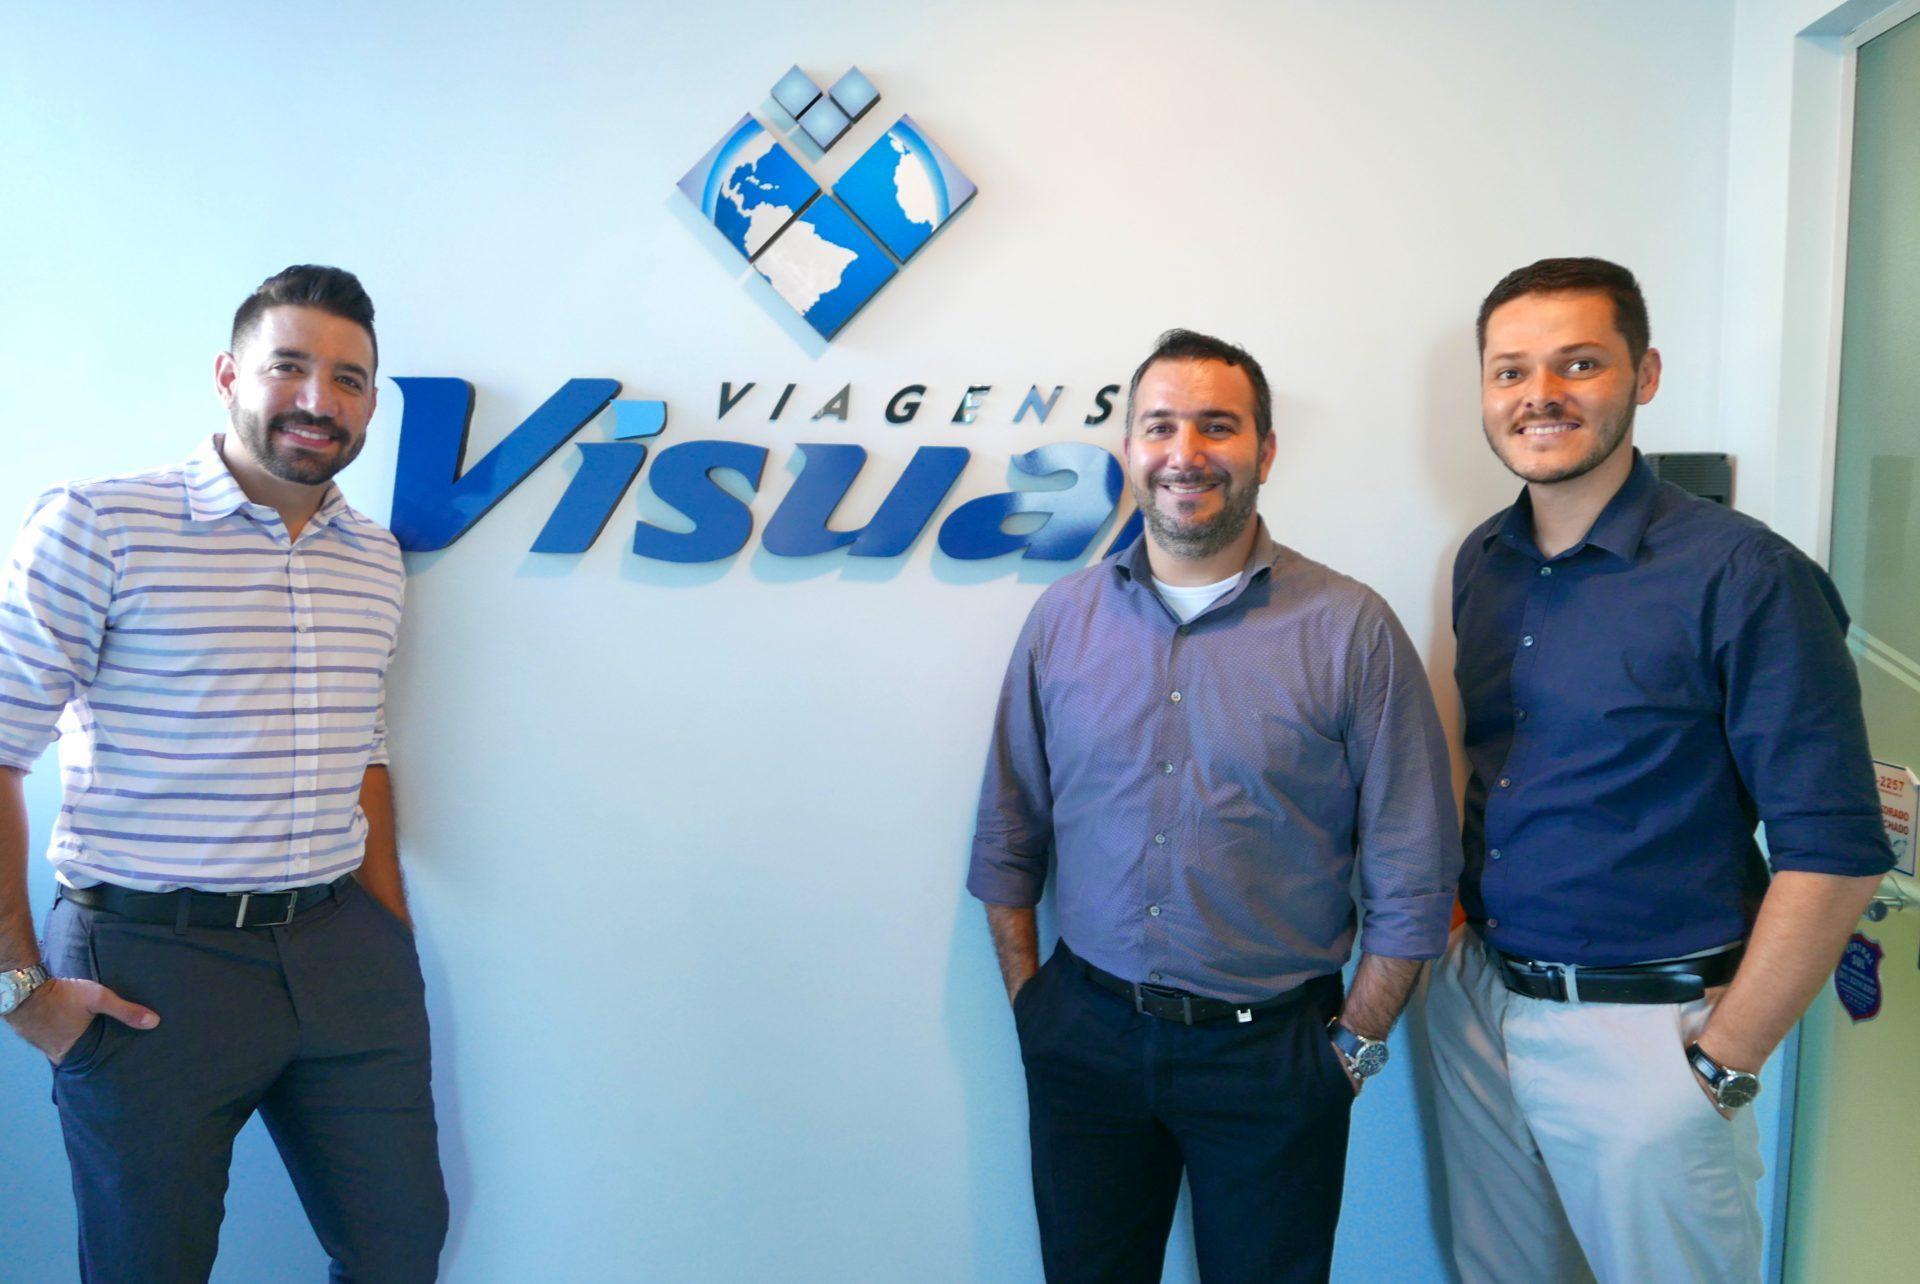 Hugo Lagares + Bruno Sousa + Ricardo Andrade = foco na performance comercial e no apoio aos agentes de viagem